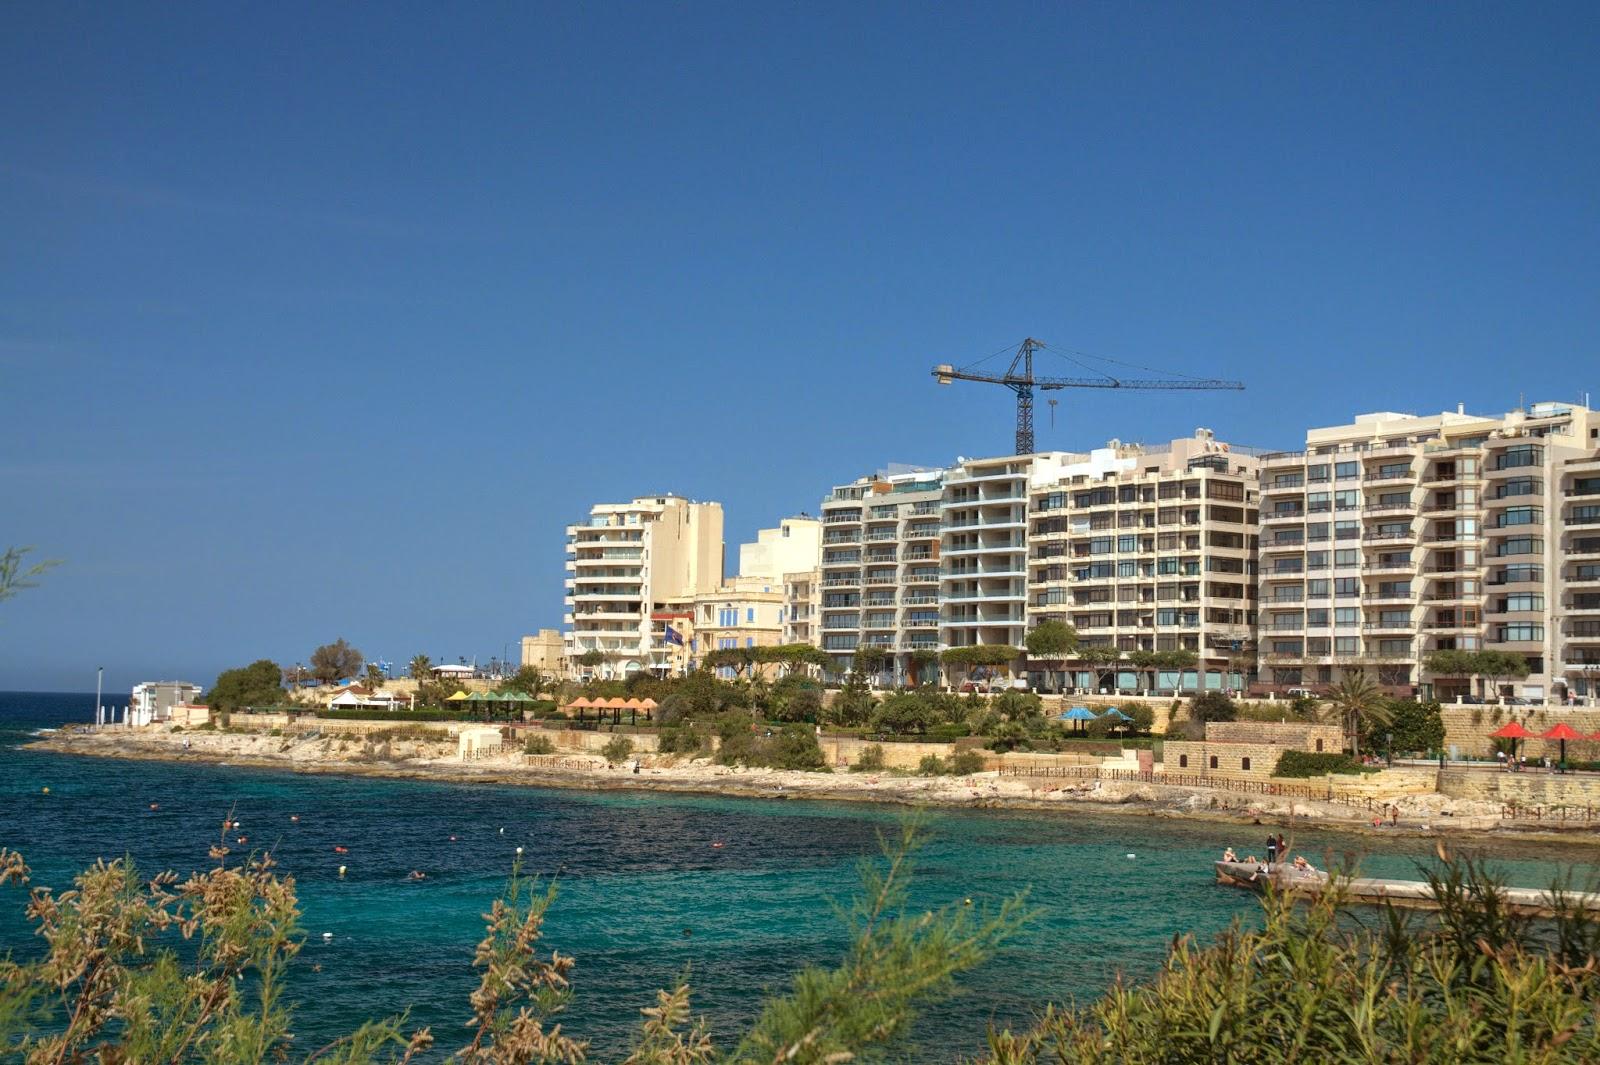 urocze zatoczki na Malcie